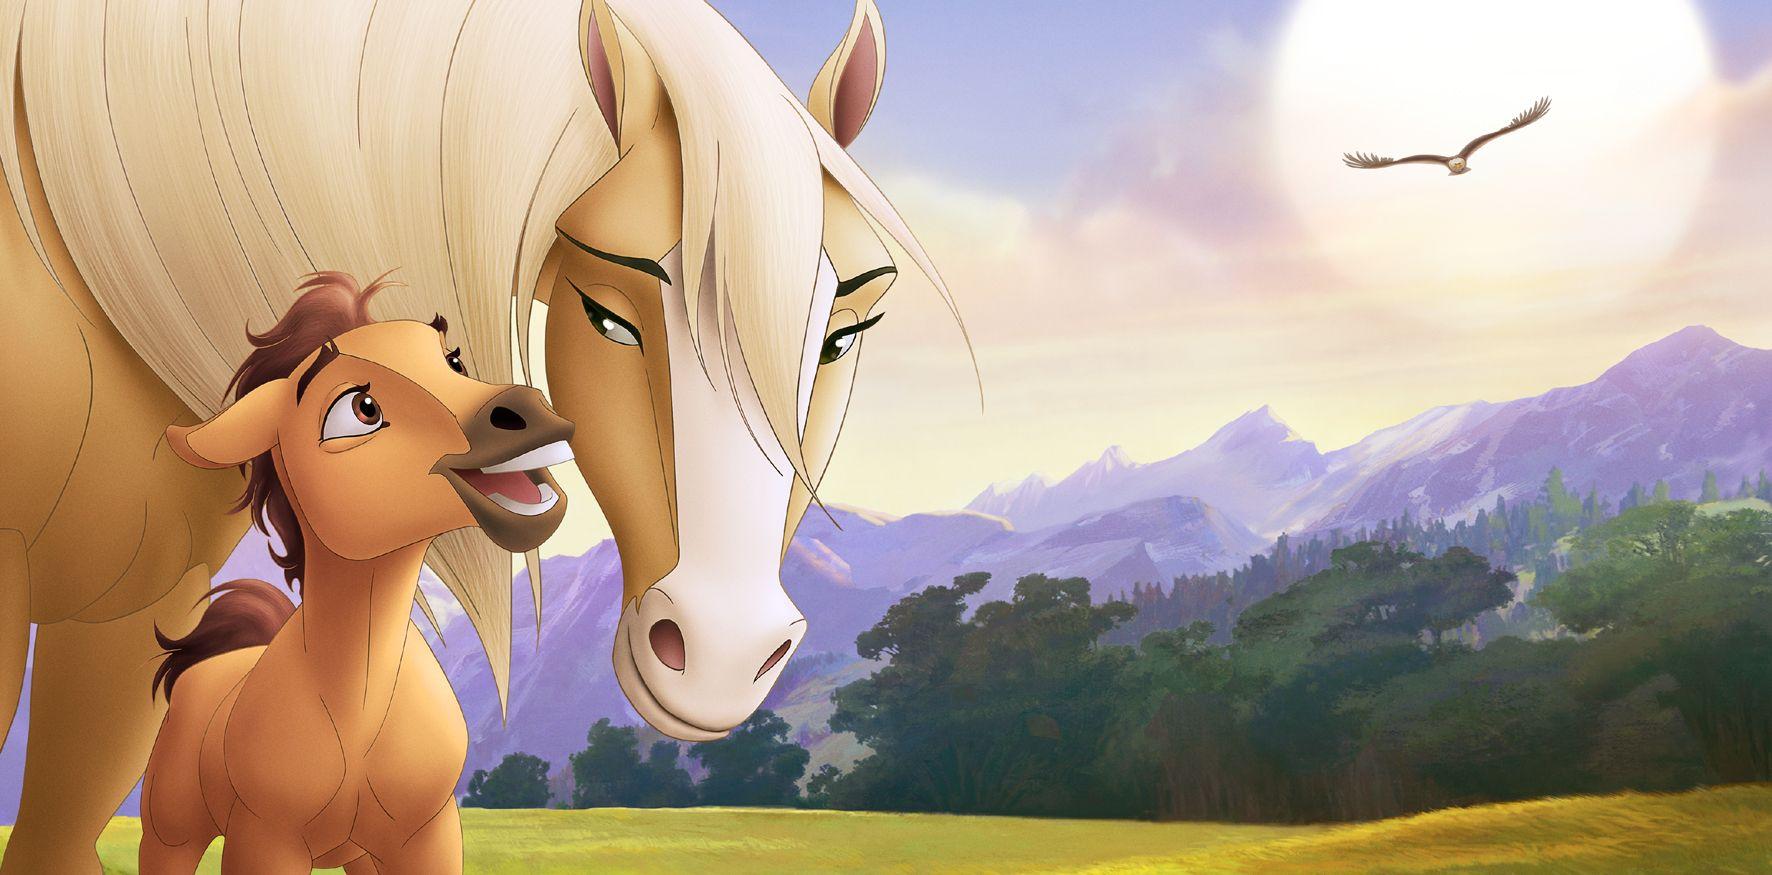 Must see Wallpaper Horse Spirit - bd3992c34056e31b21a294dd086572d6  HD_879888.jpg